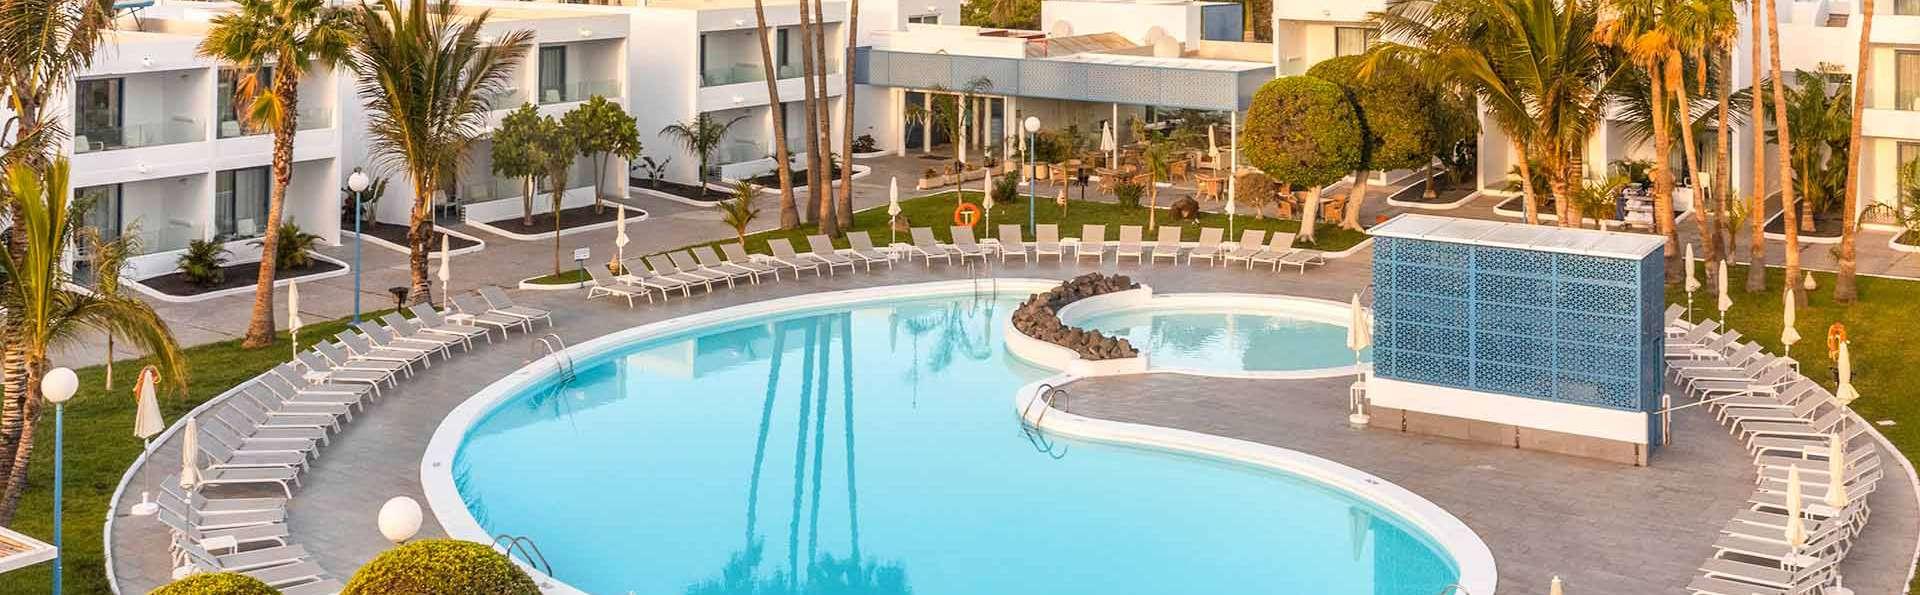 Escapada en un resort con piscina a pie de playa en Costa Teguise, Lanzarote